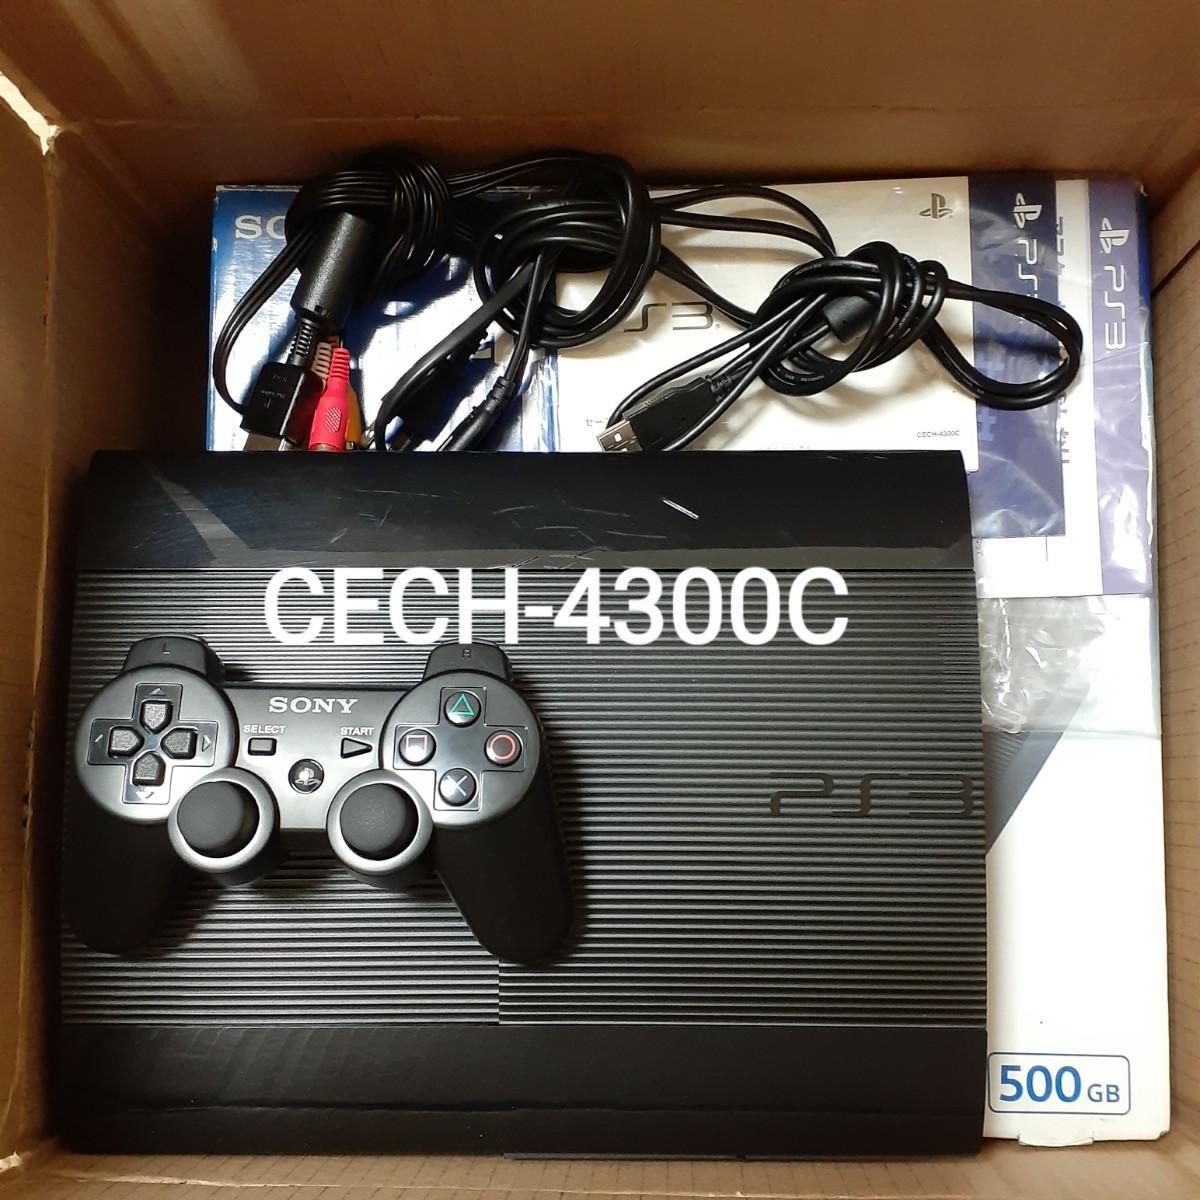 PS3 本体 PlayStation3 チャコール・ブラック 500GB CECH-4300C